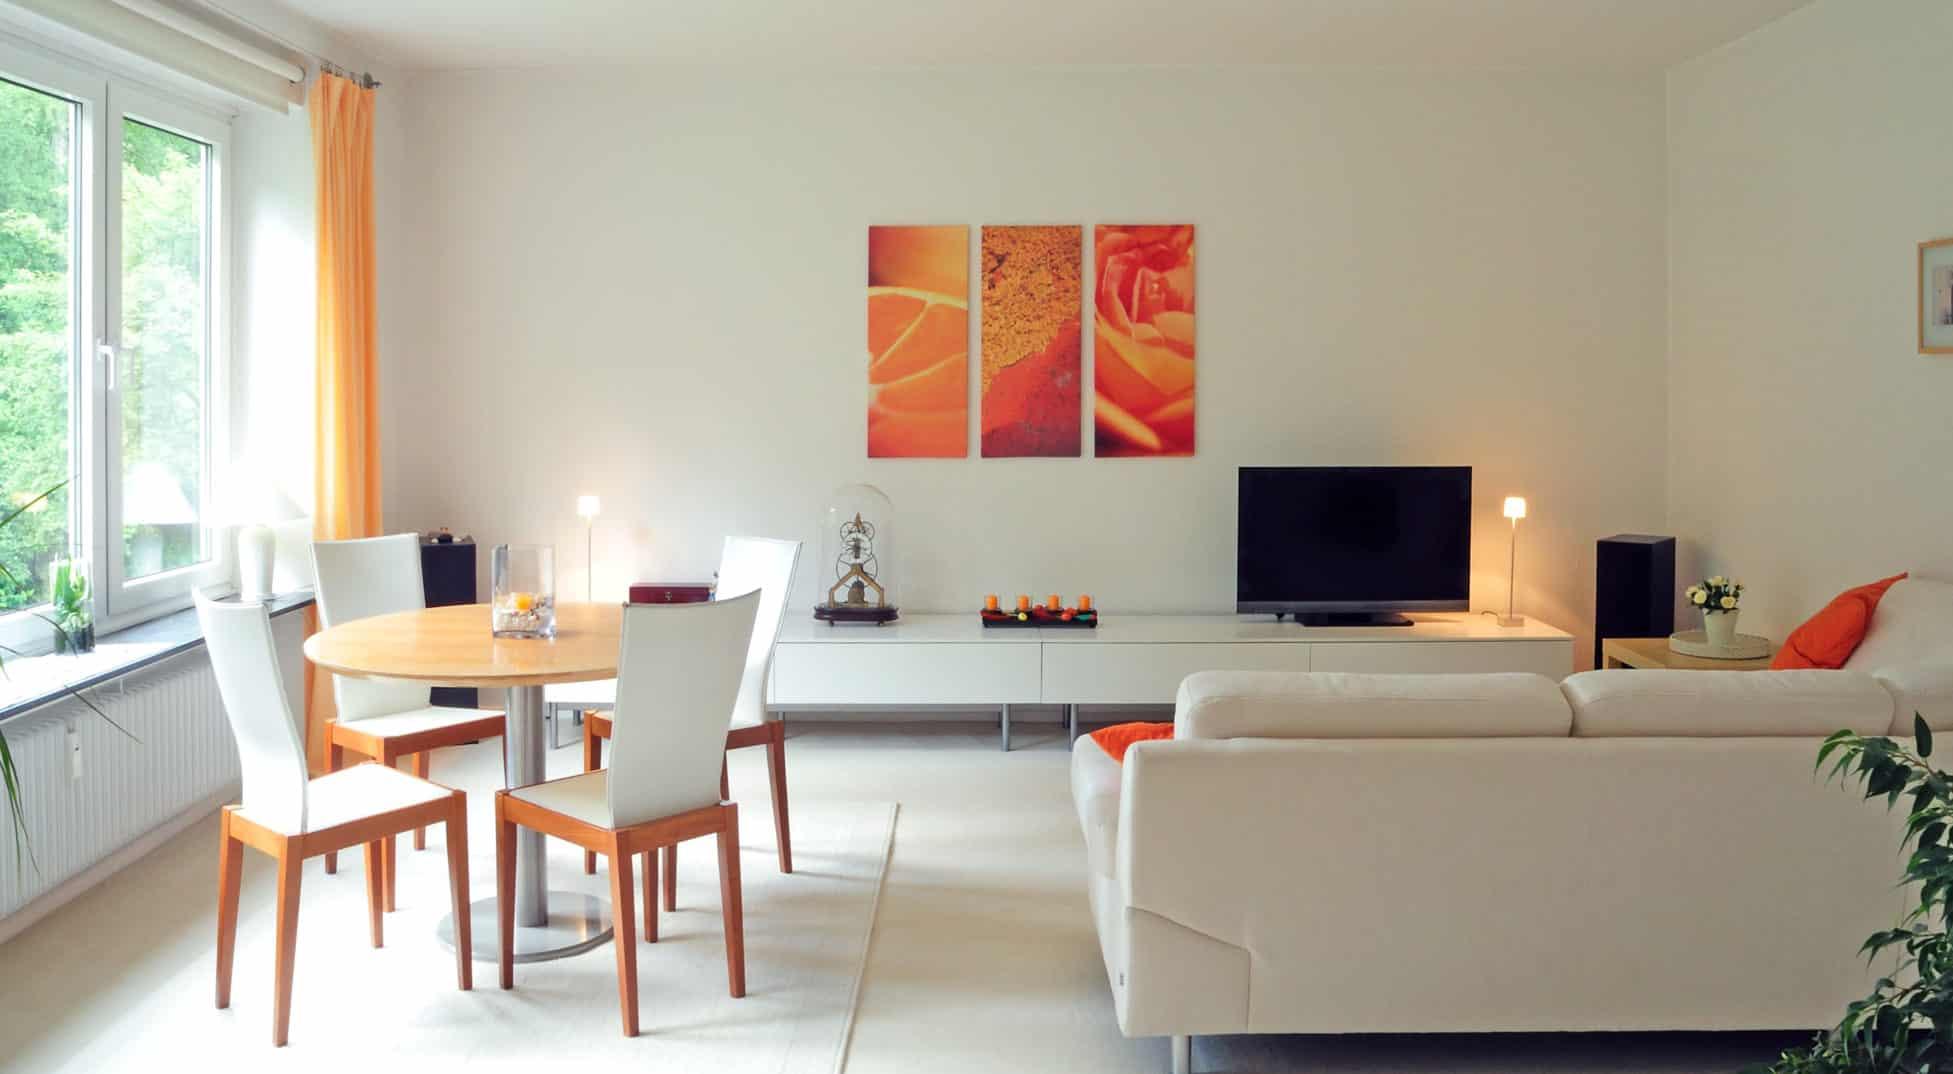 Wohnzimmer-Gestaltung